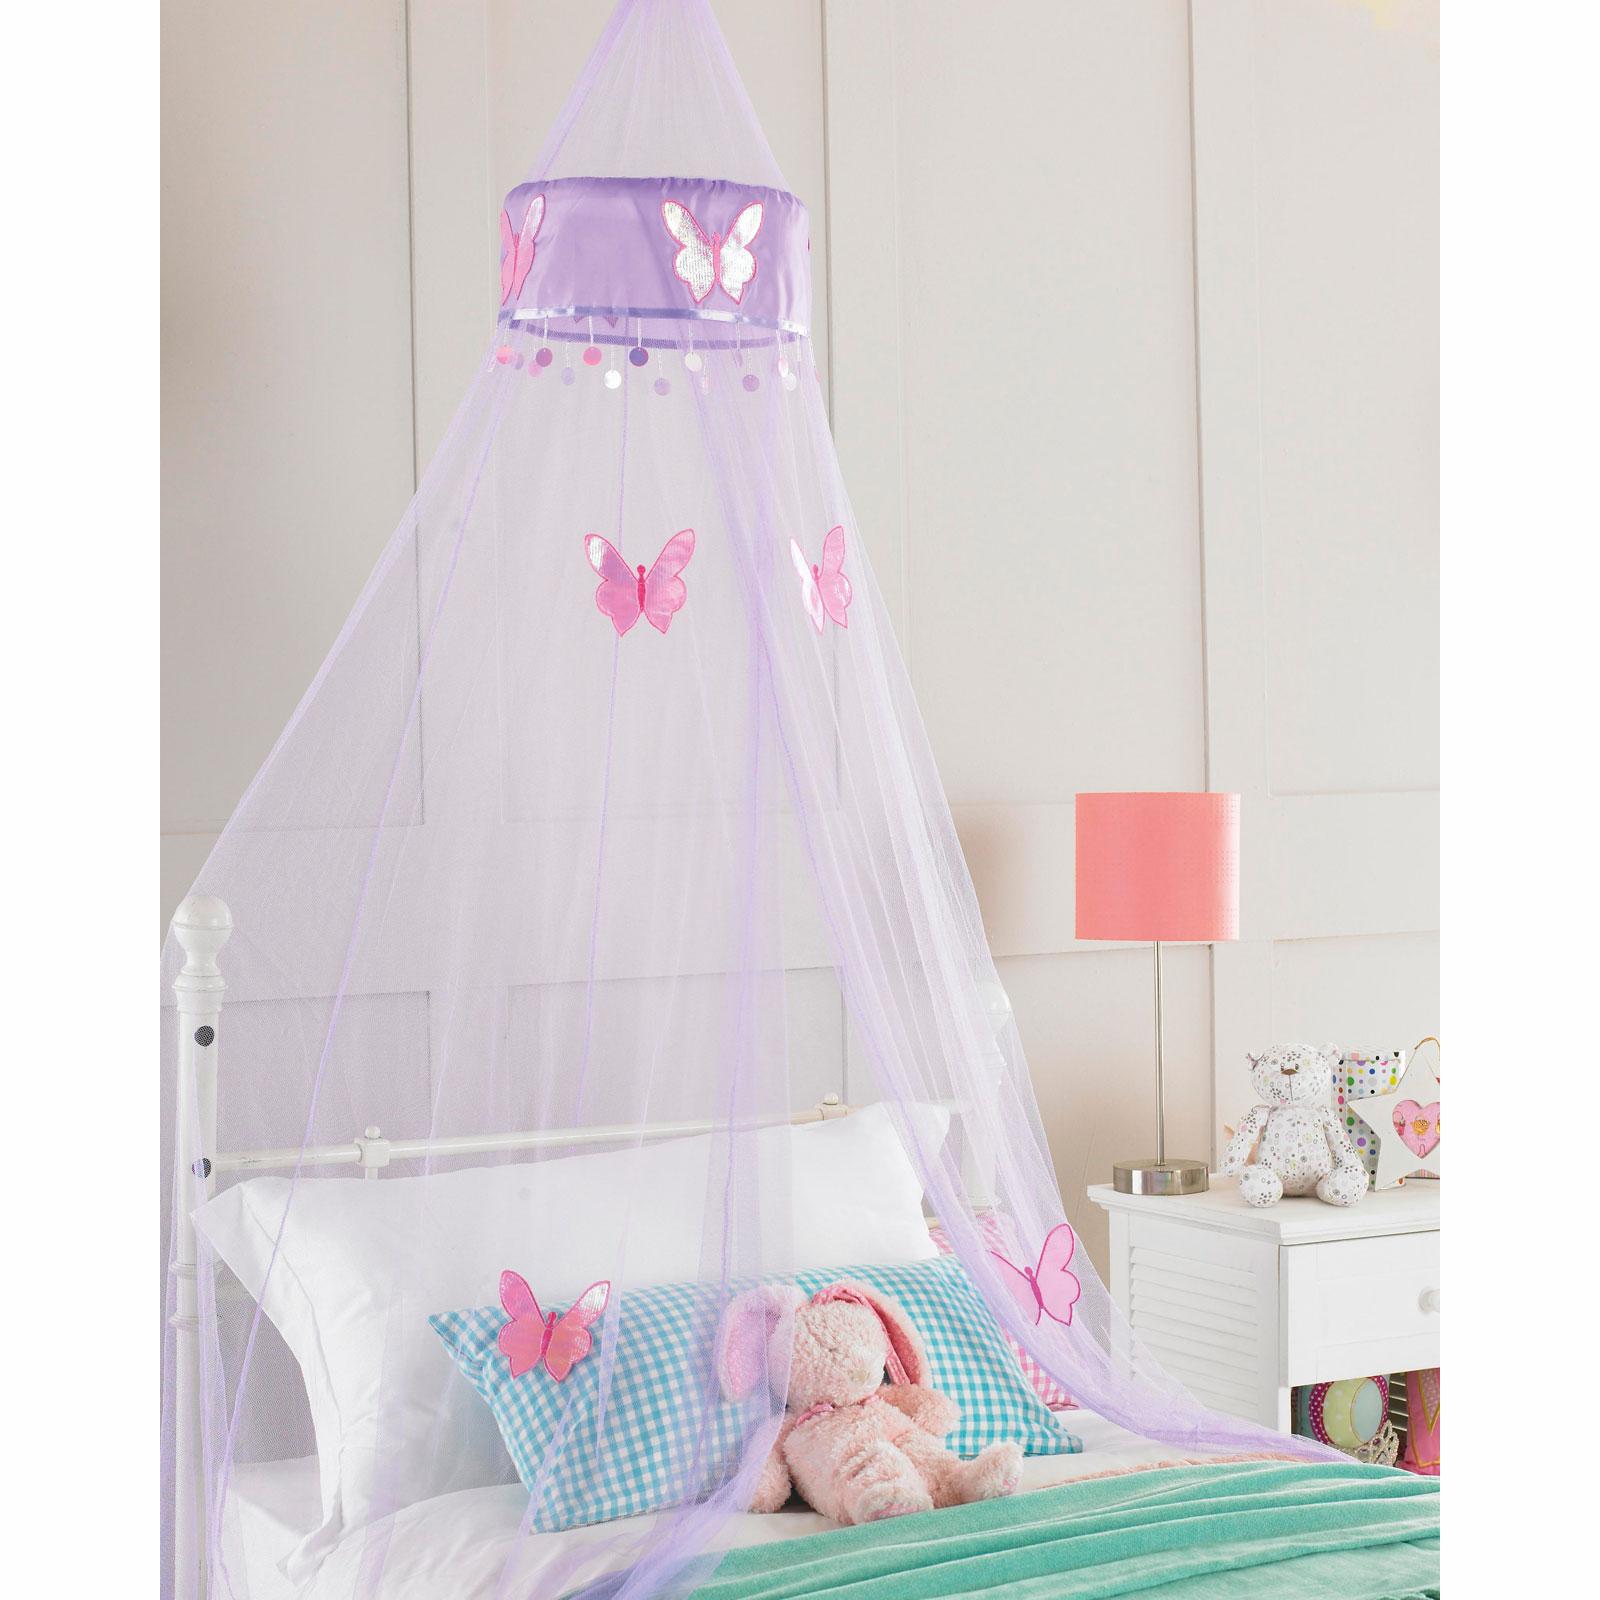 Enfants filles lit baldaquin moustique mouche filet volants ou papillon 30x2 - Lit baldaquin enfants ...